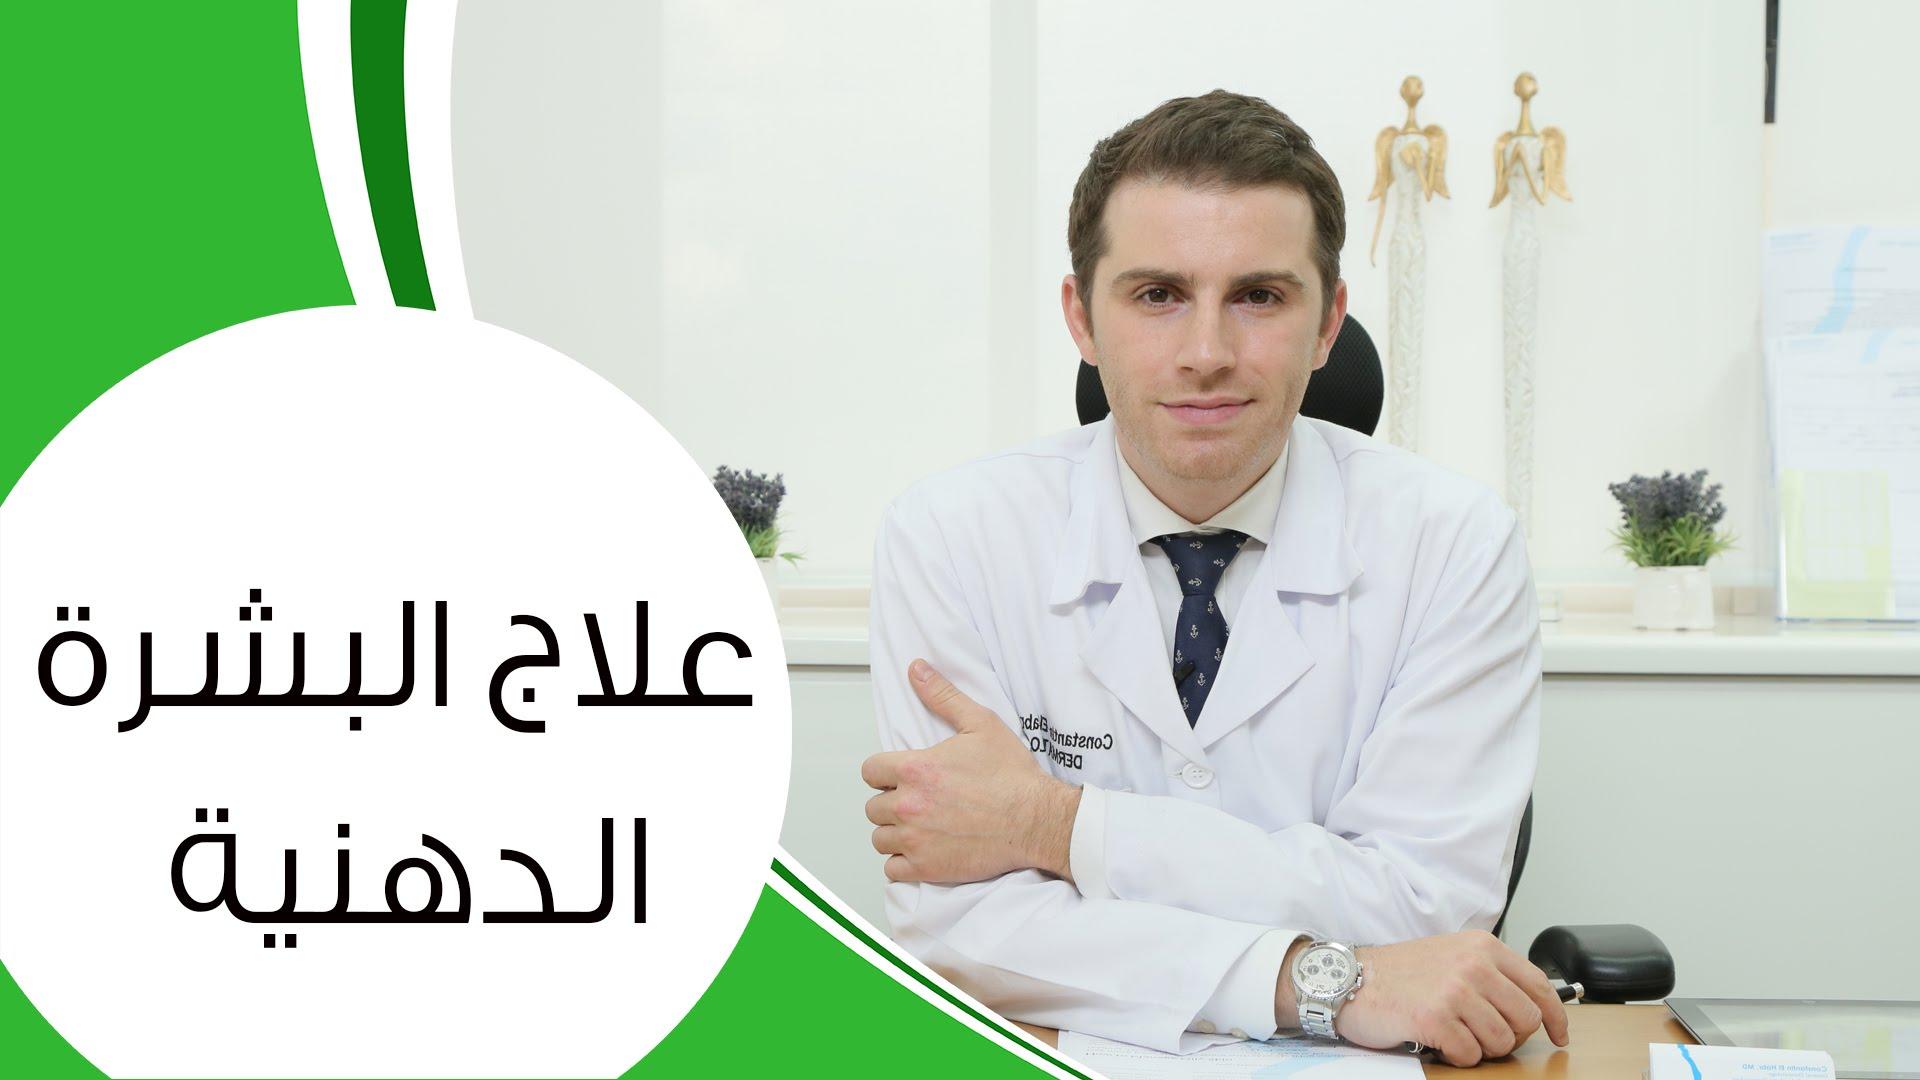 بالصور علاج البشرة الدهنية , افضل طريقة لحل مشاكل البشرة الدهنية 5851 1